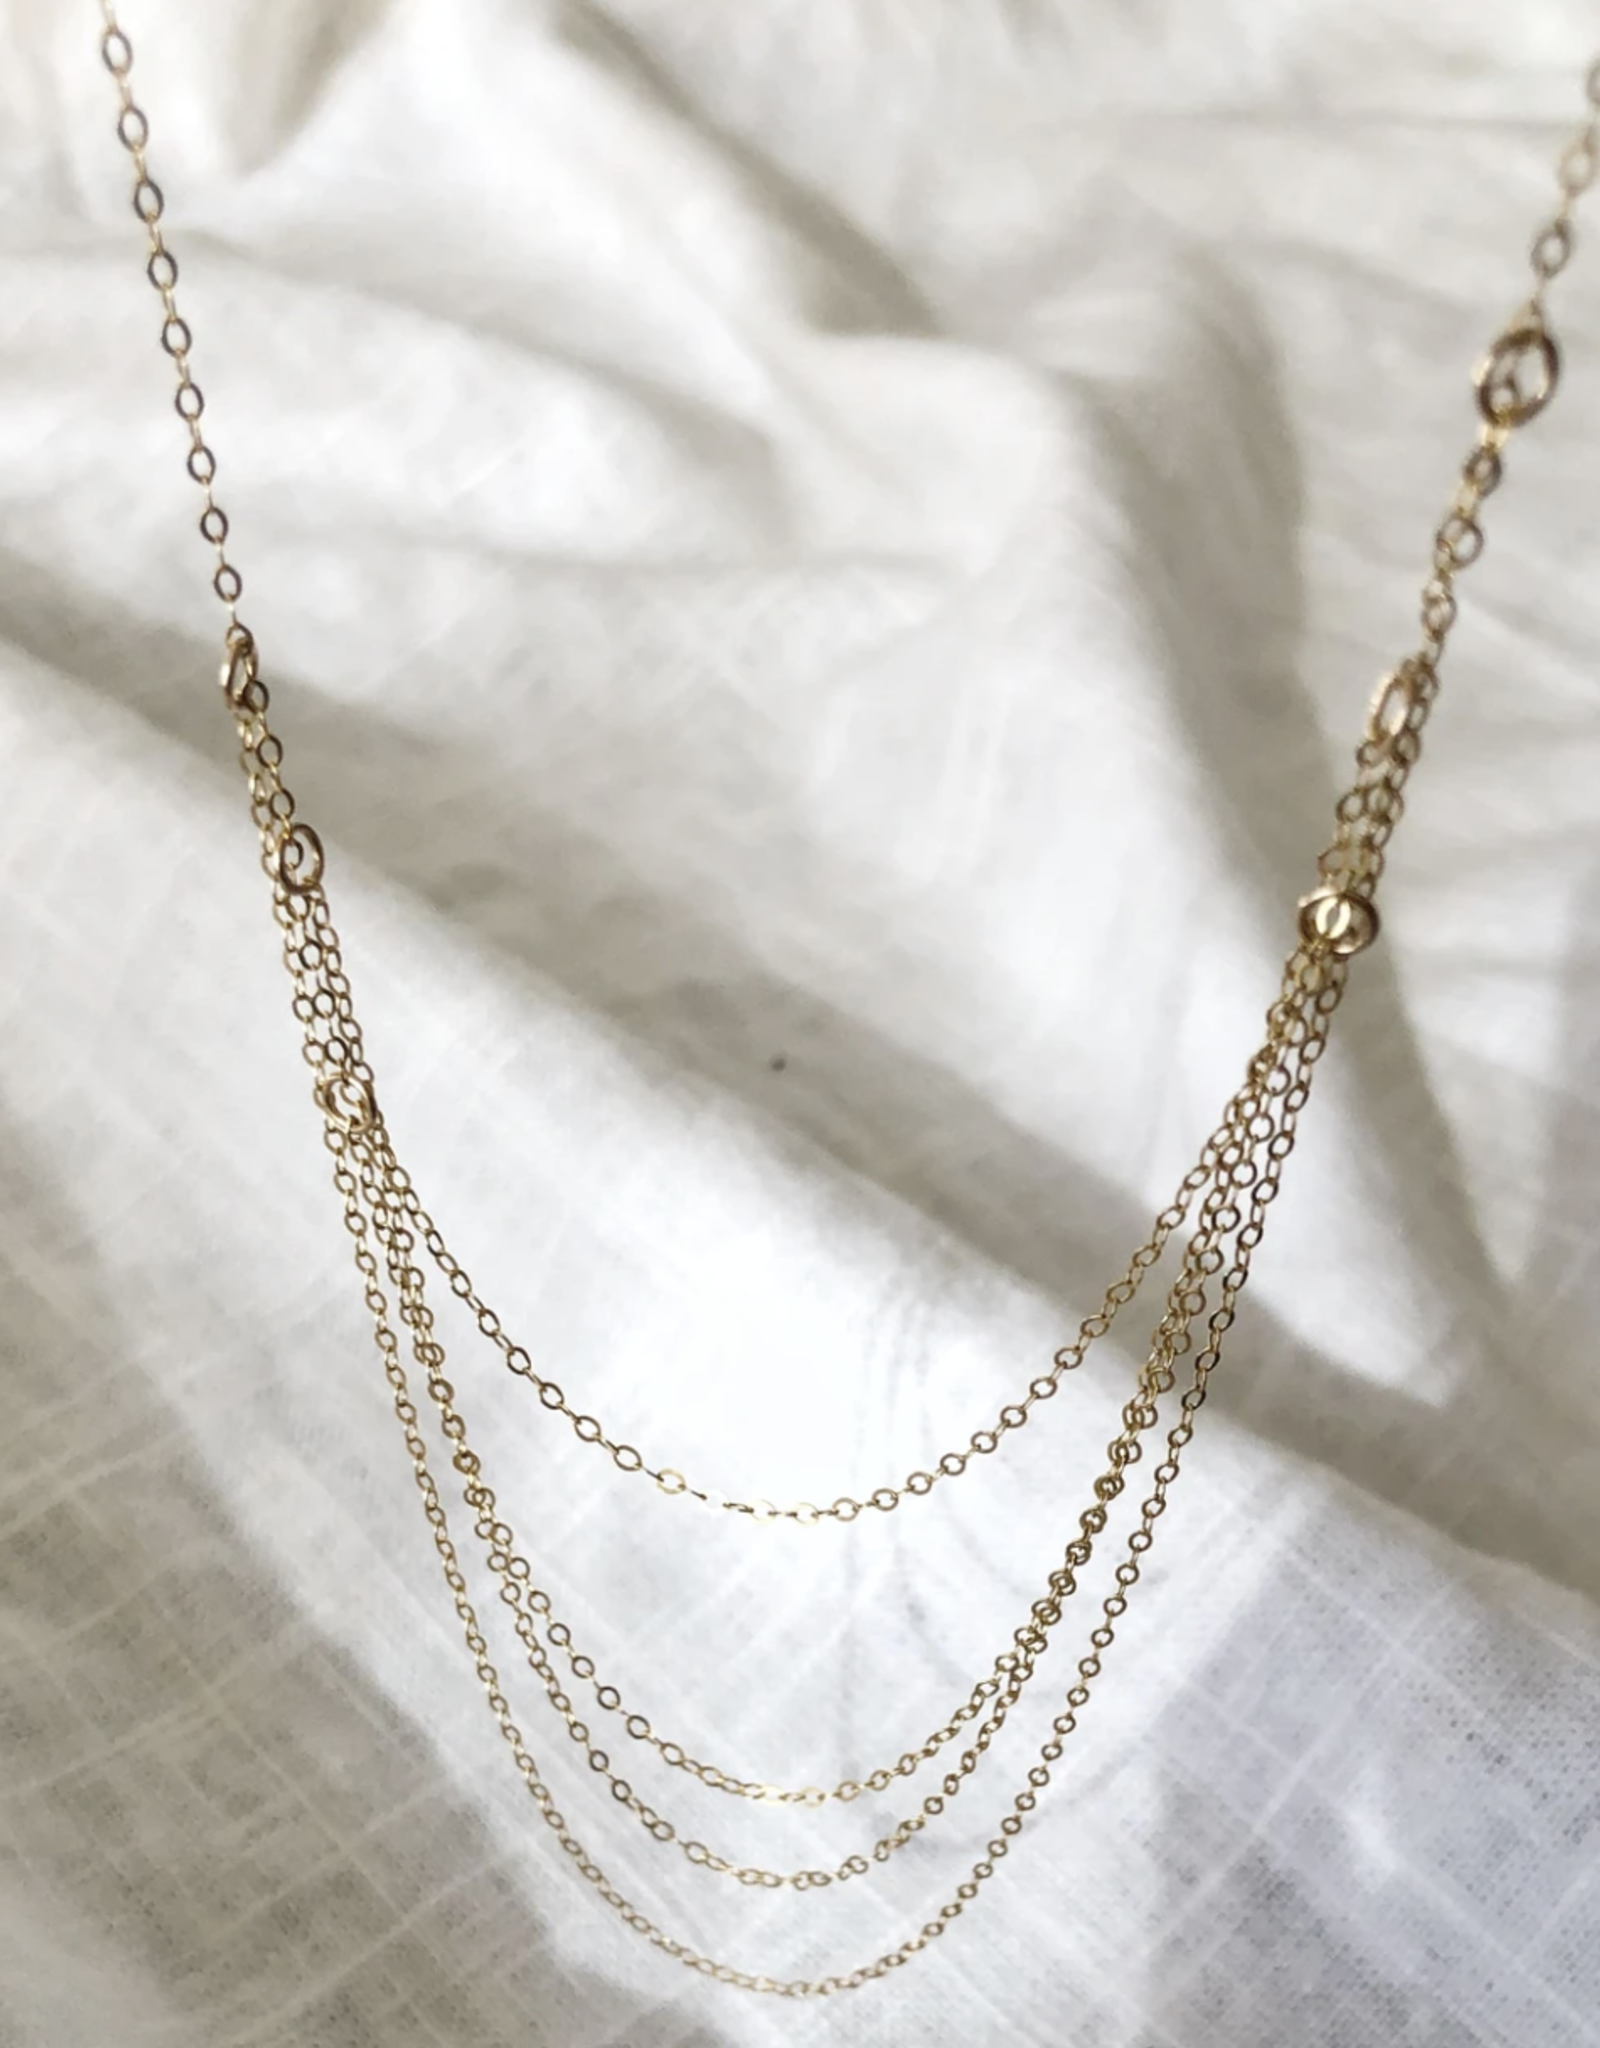 Bofemme Bofemme Aurora Chains Necklace